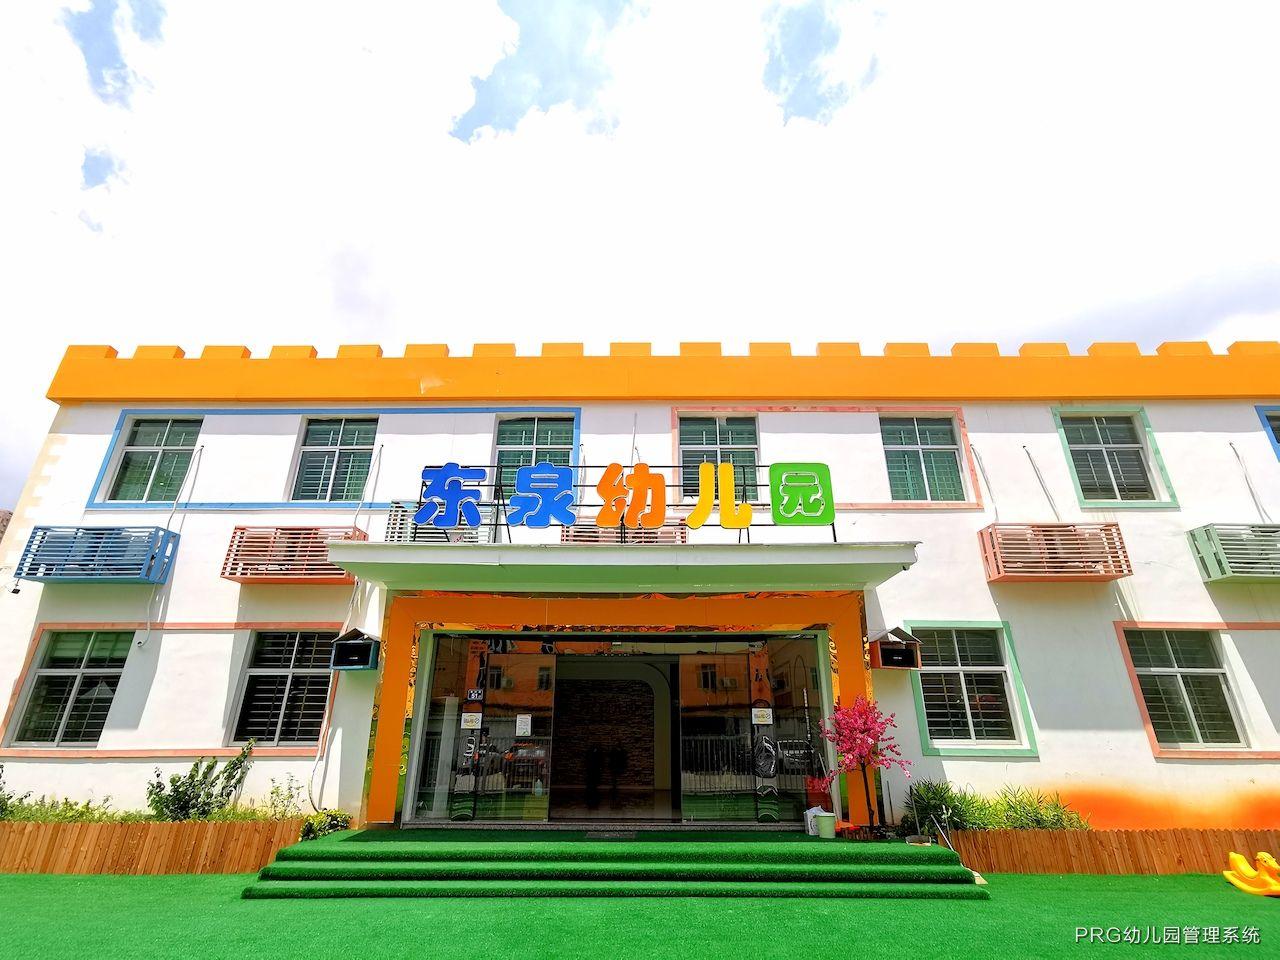 福建东泉教育集团 PRG幼儿园数字化管理系统导入服务